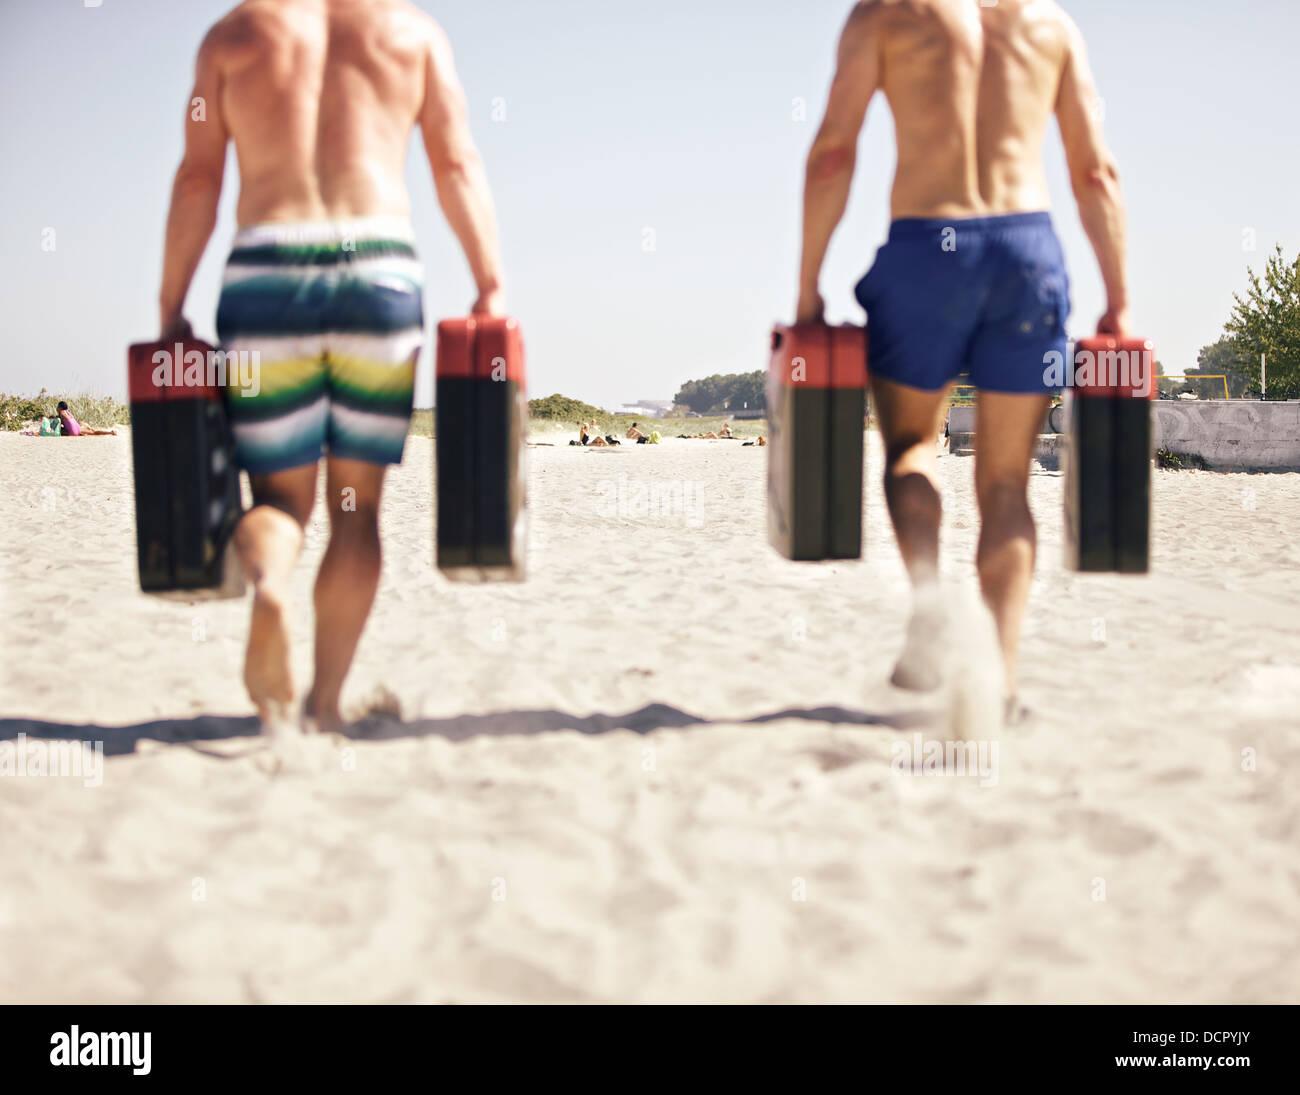 Deux hommes qui de bidons comme une partie de jeux crossfit Photo Stock